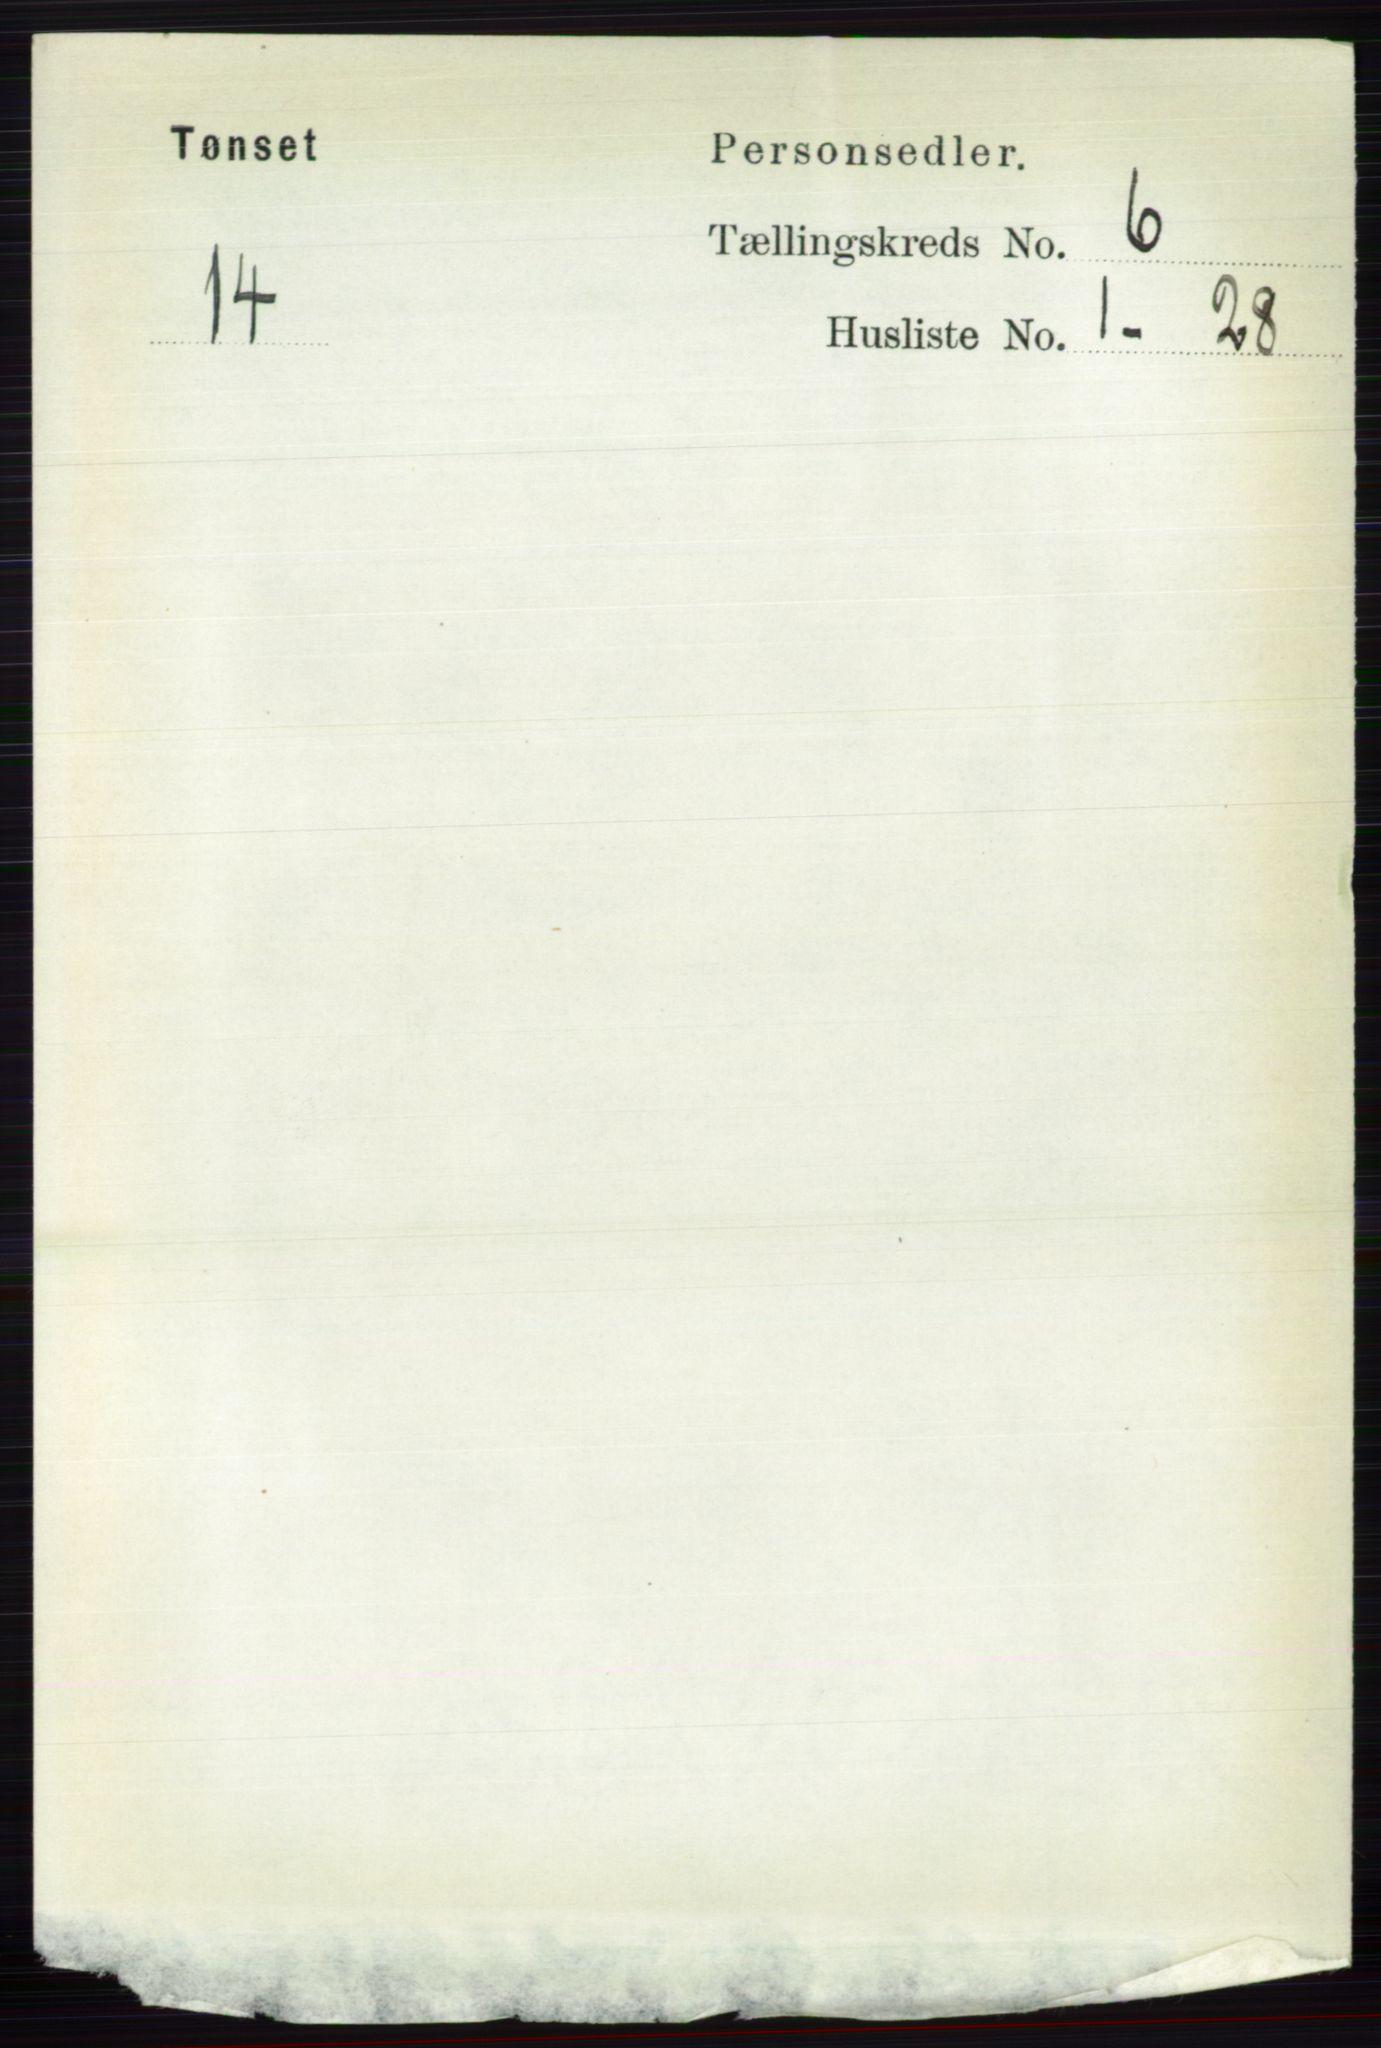 RA, Folketelling 1891 for 0437 Tynset herred, 1891, s. 1463